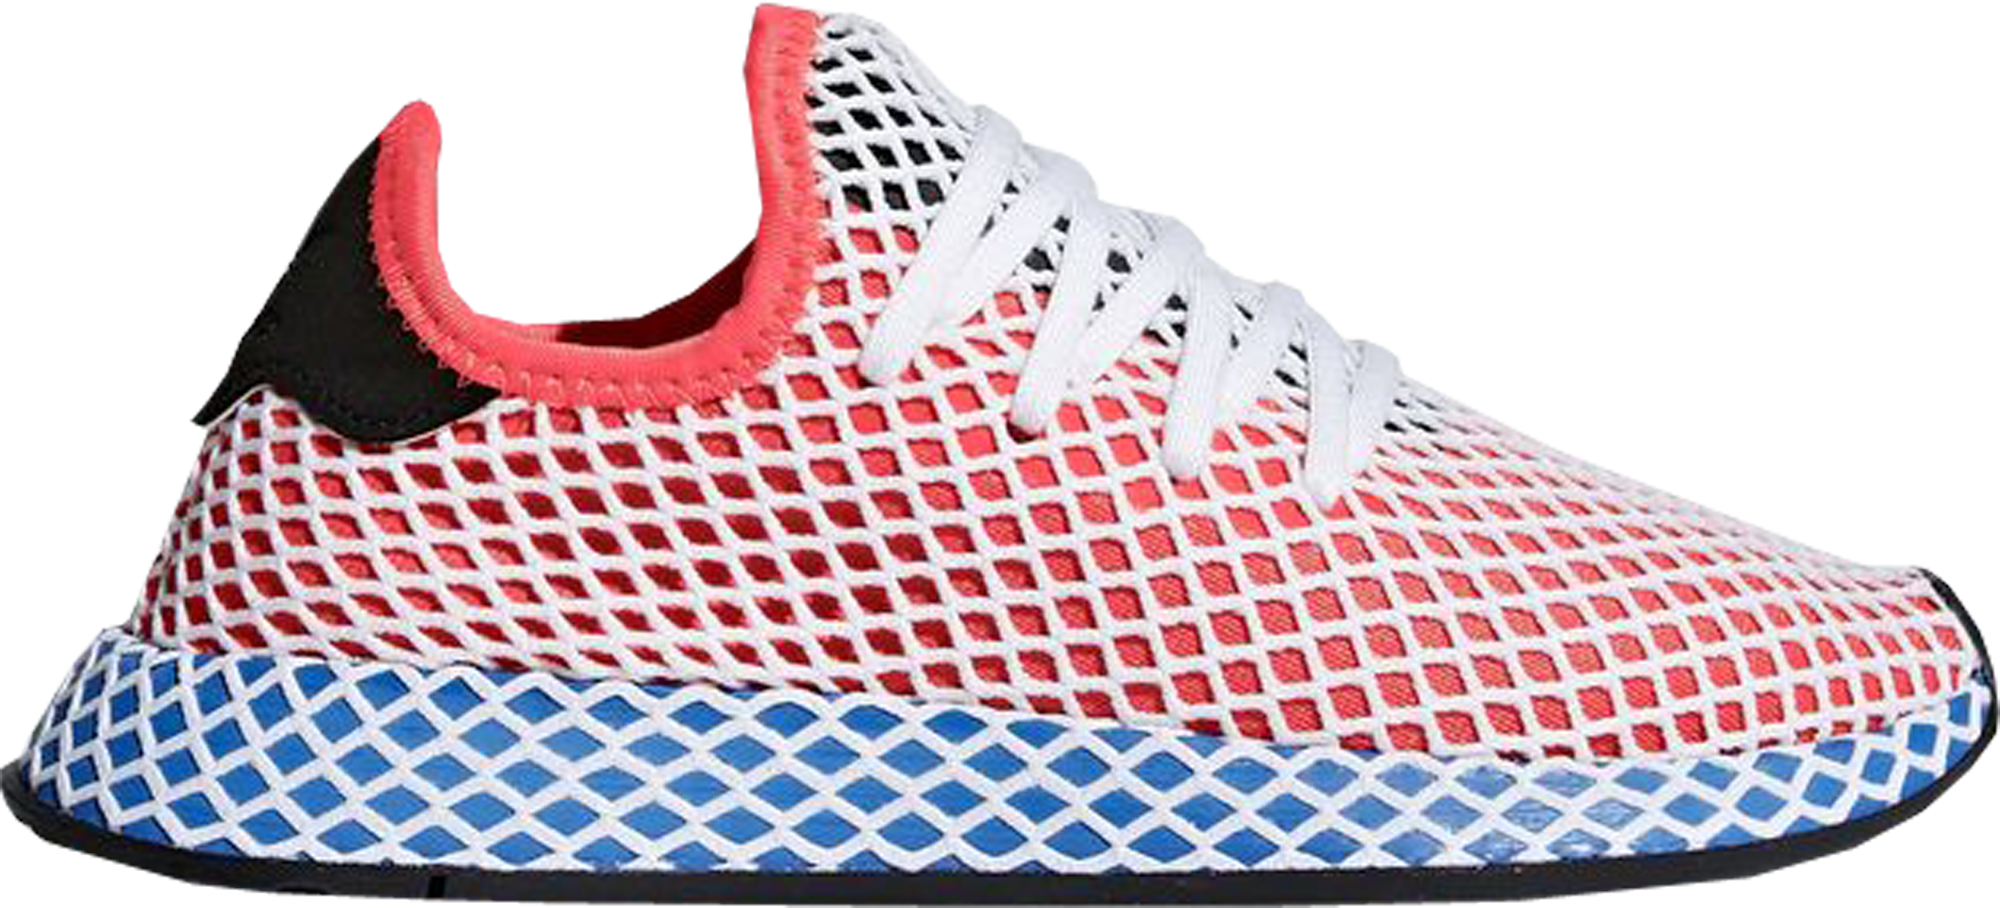 adidas Deerupt Solar Red Bluebird (GS)